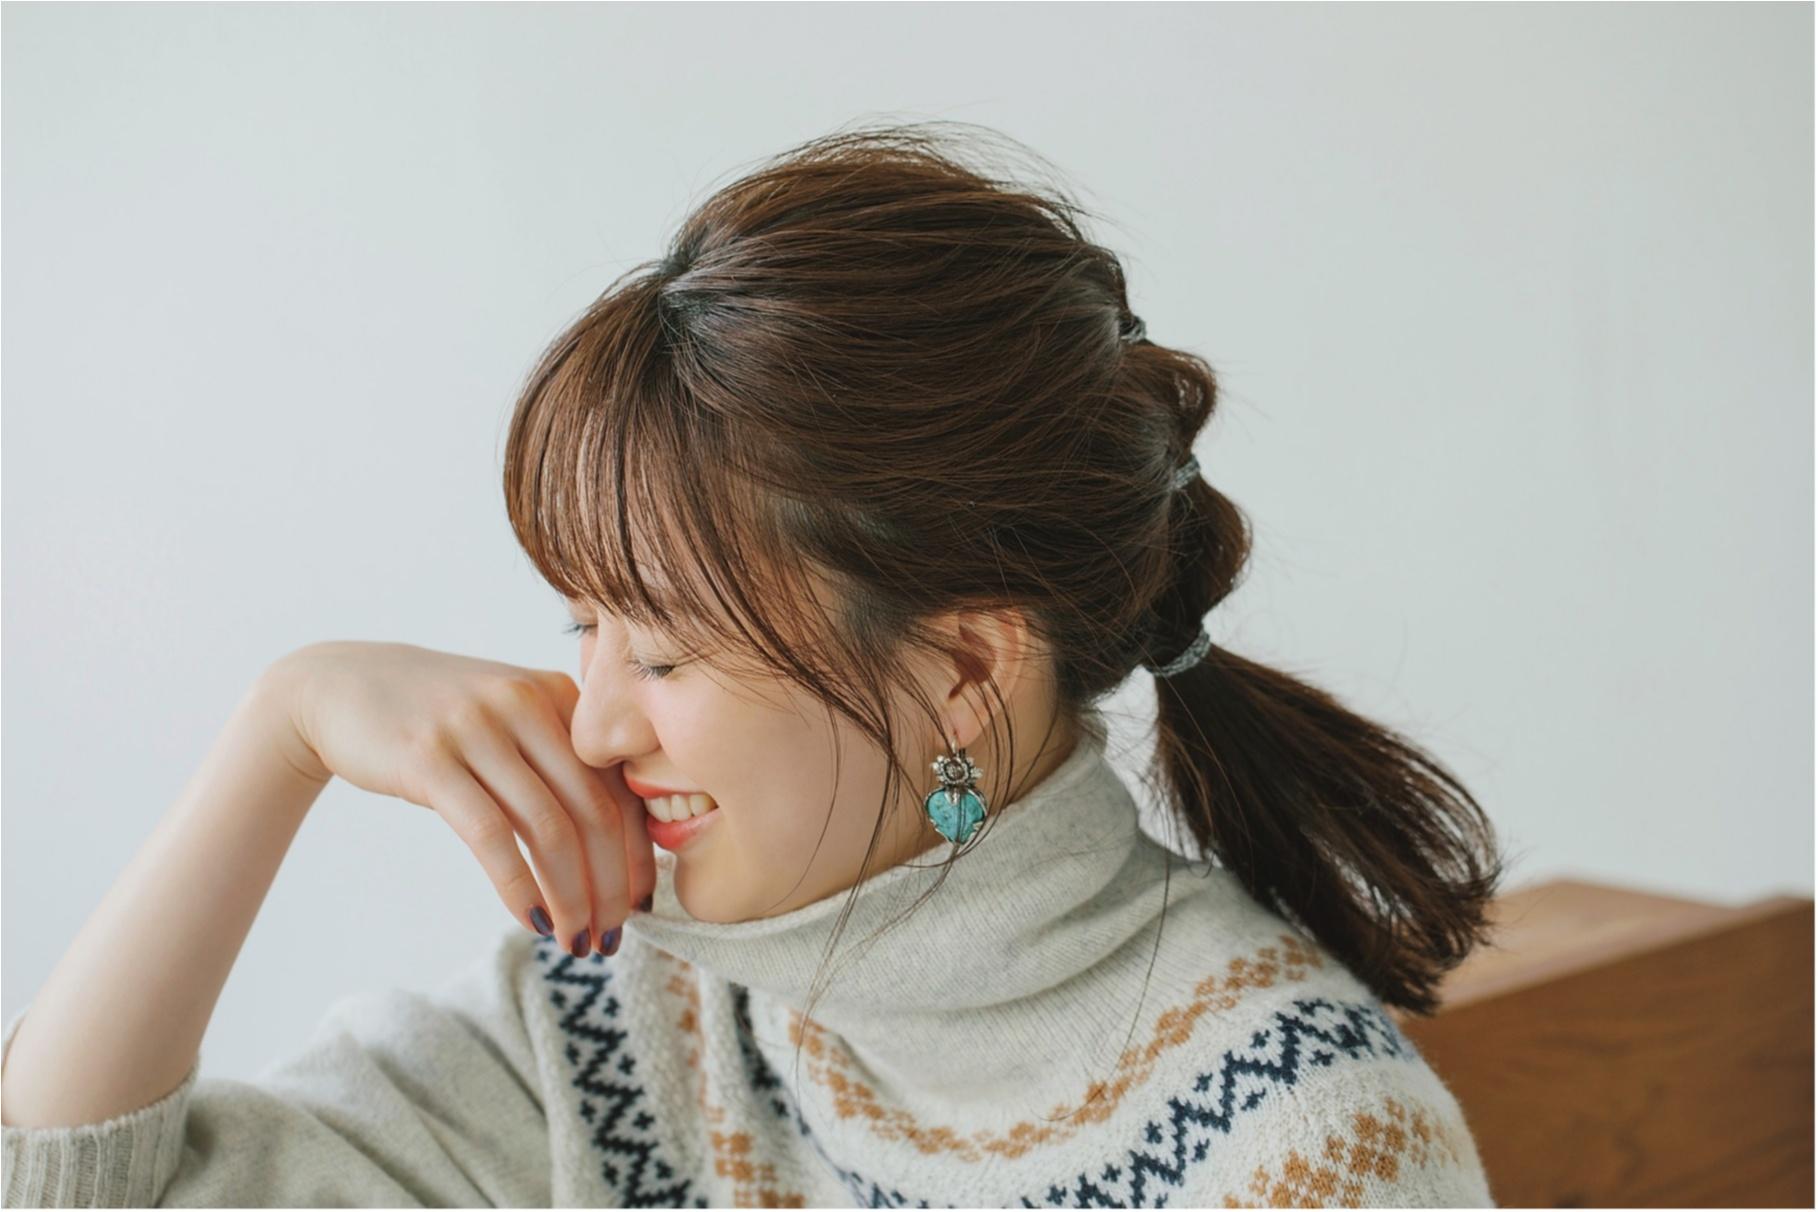 簡単でおしゃれなヘアアレンジ・髪型カタログ | セミロング3